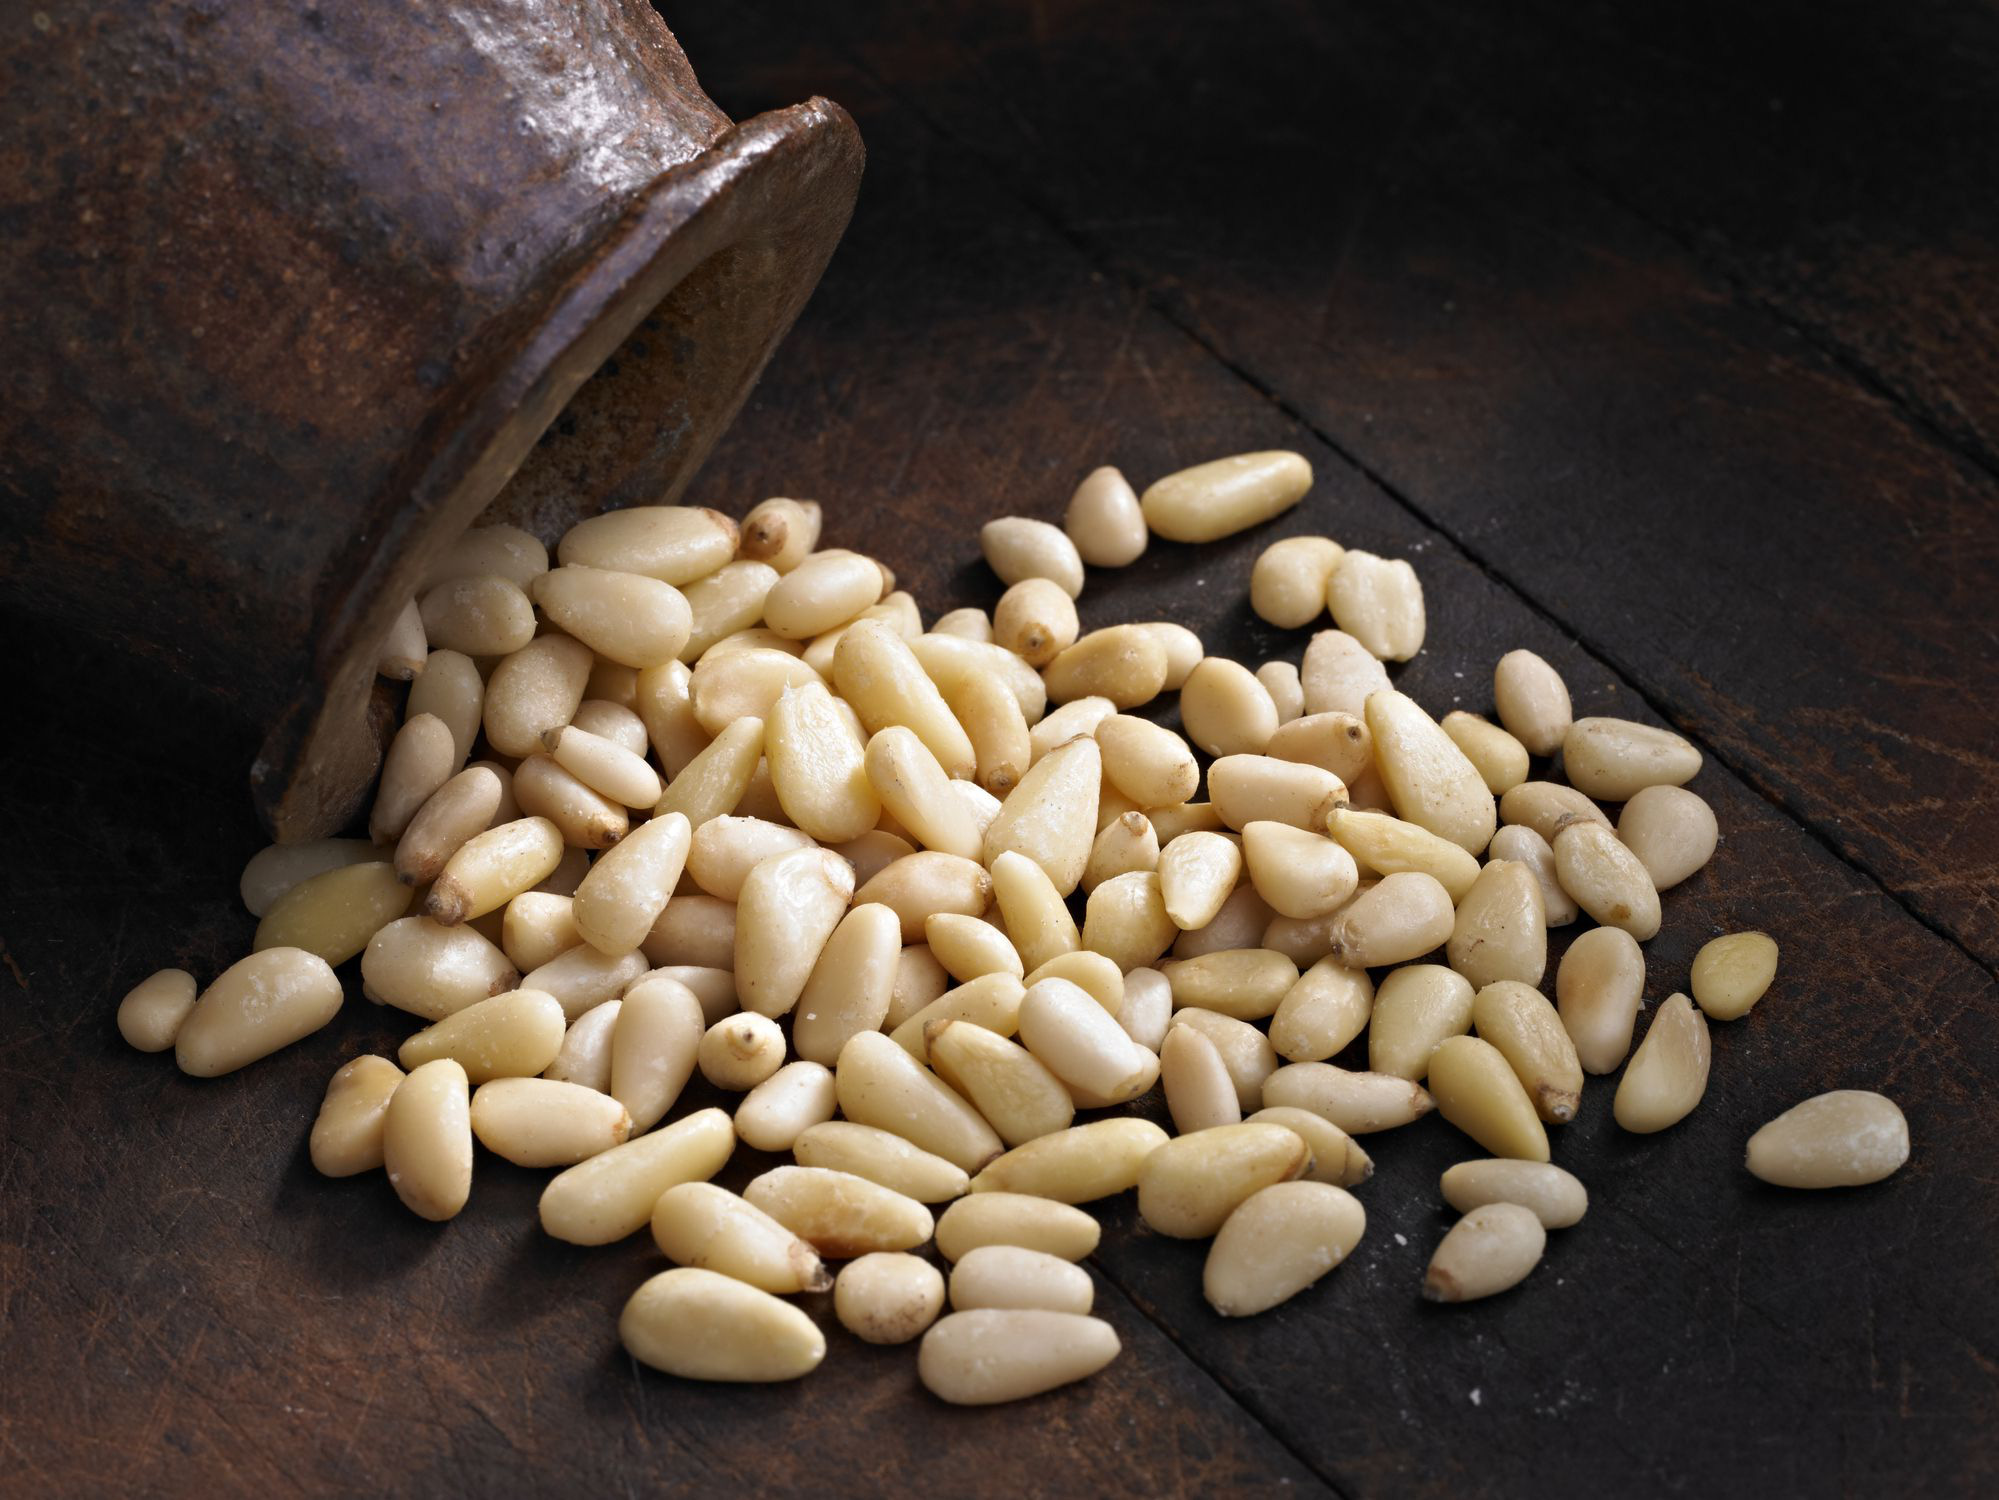 Ăn loại hạt này đều đặn, cơ thể nhận được những lợi ích không tưởng, đặc biệt phụ nữ chăm ăn thì ngày càng thon gọn và trẻ ra-2